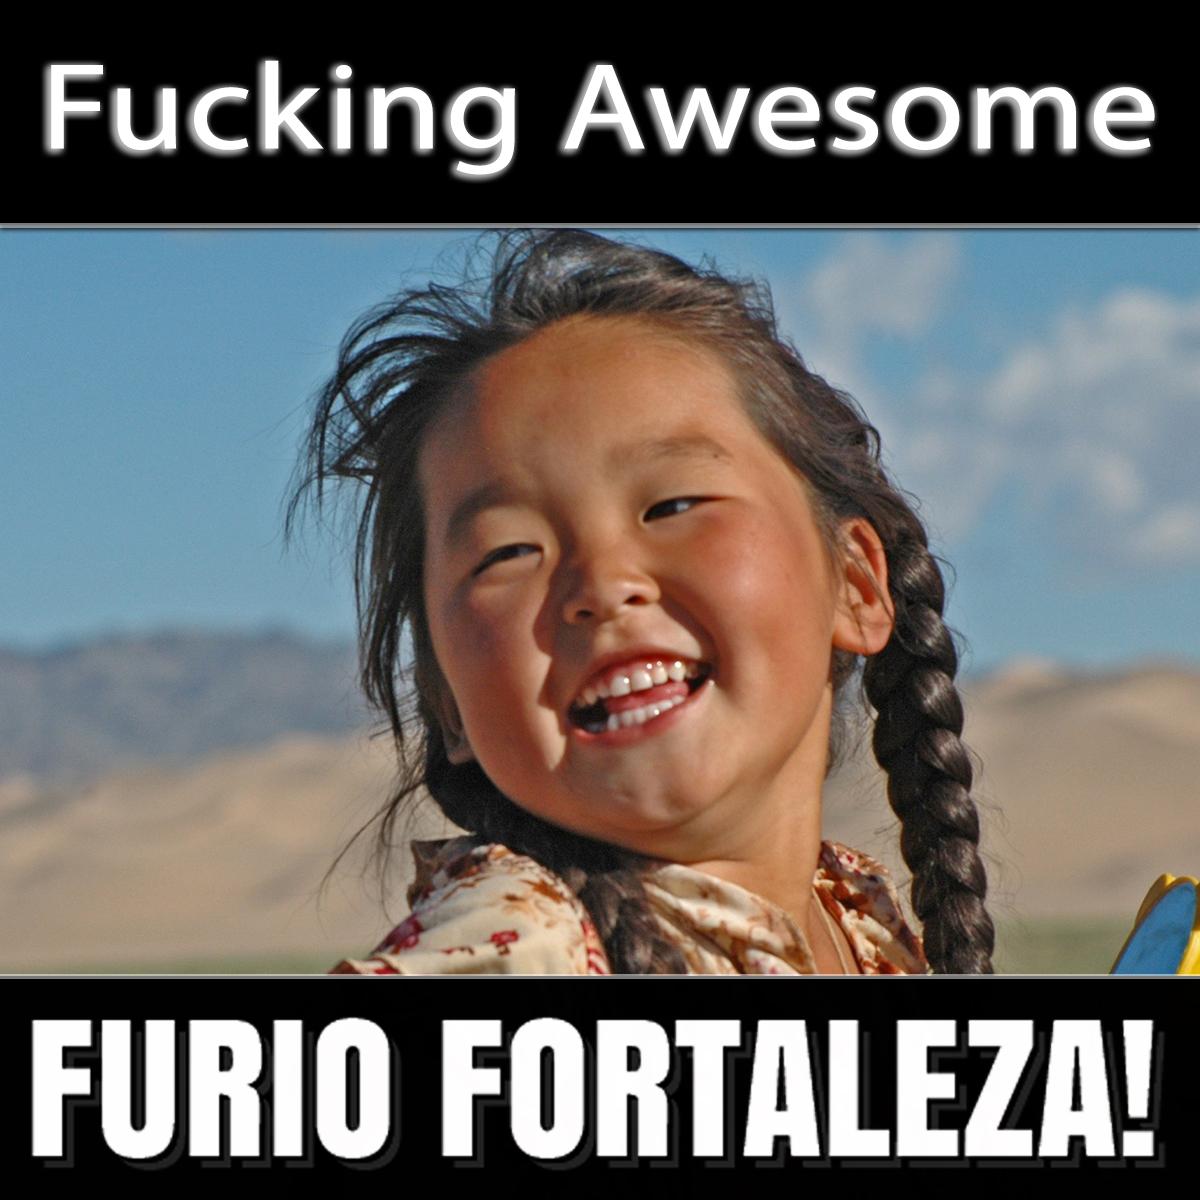 furio-fortaleza-5-1-fucking-awesome